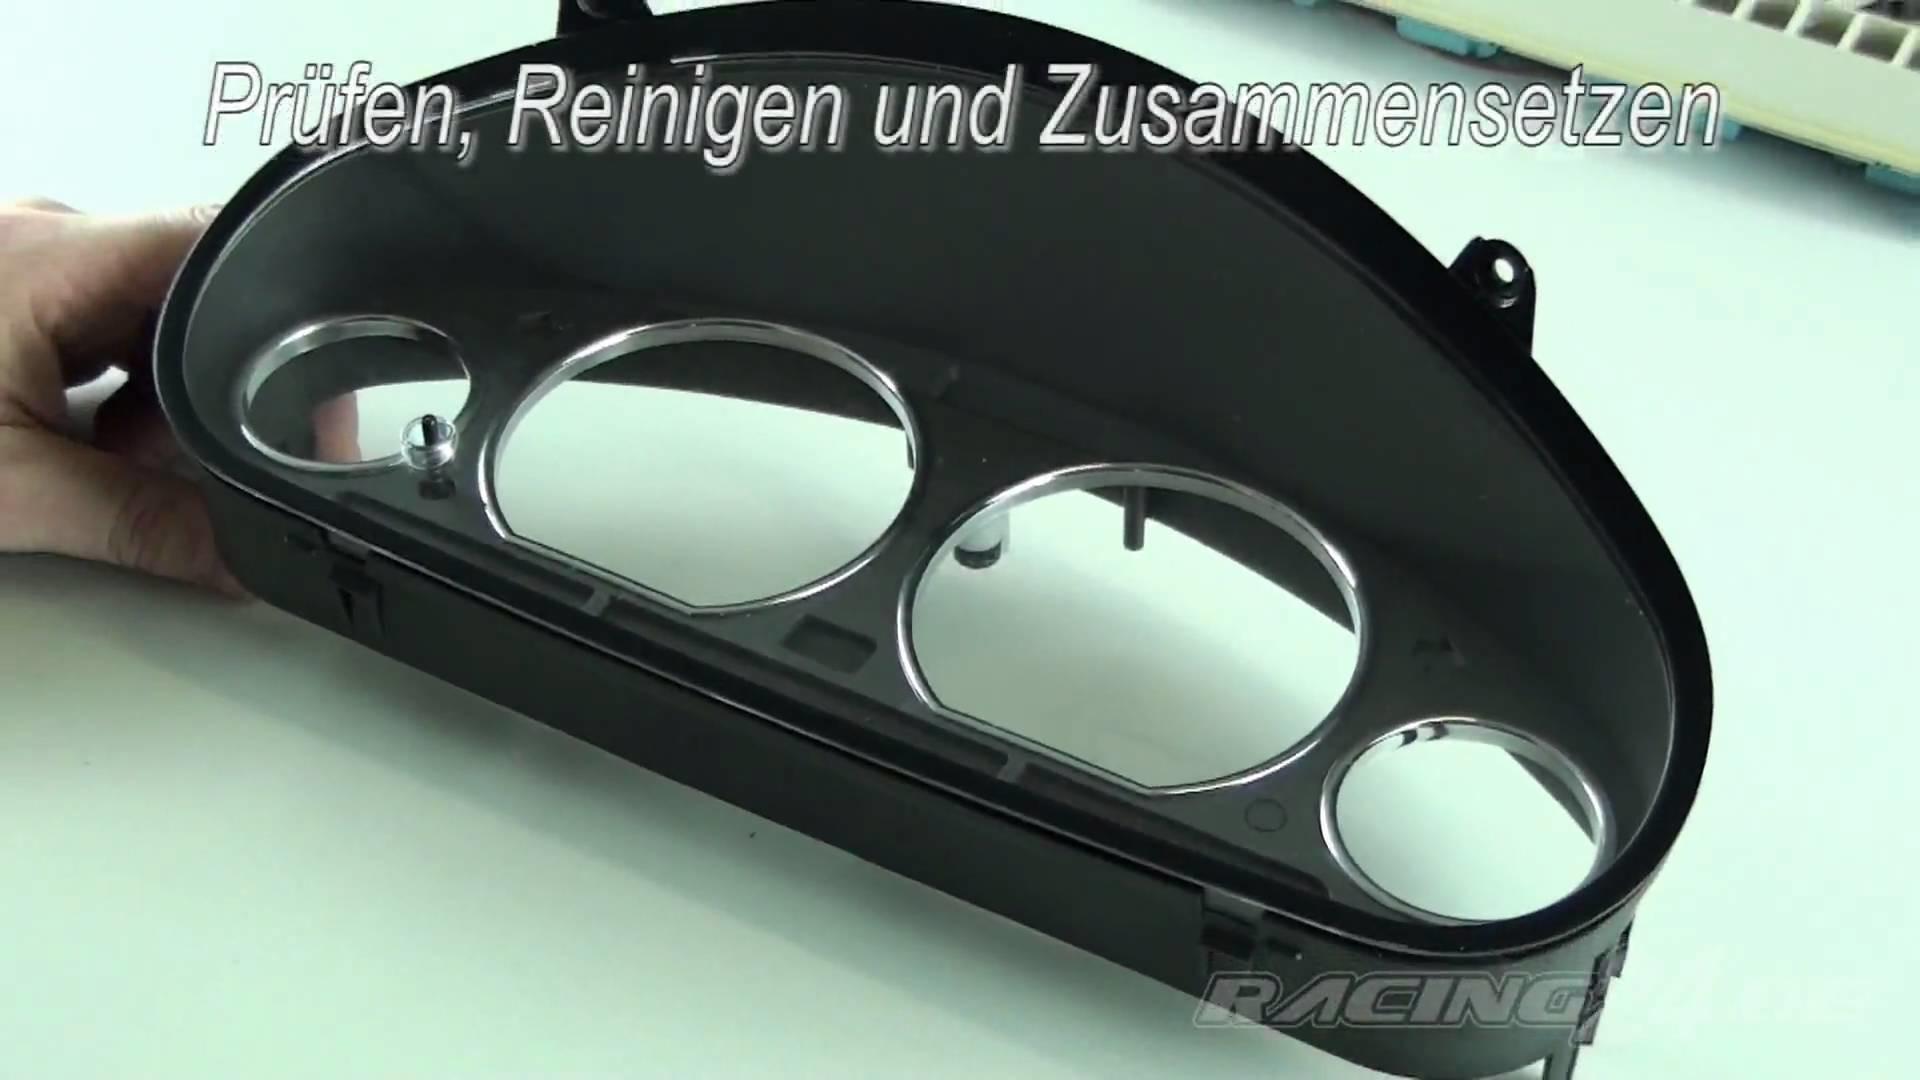 Tachoringe für 3er BMW E36 nachrüsten - DIY Video von RACING24